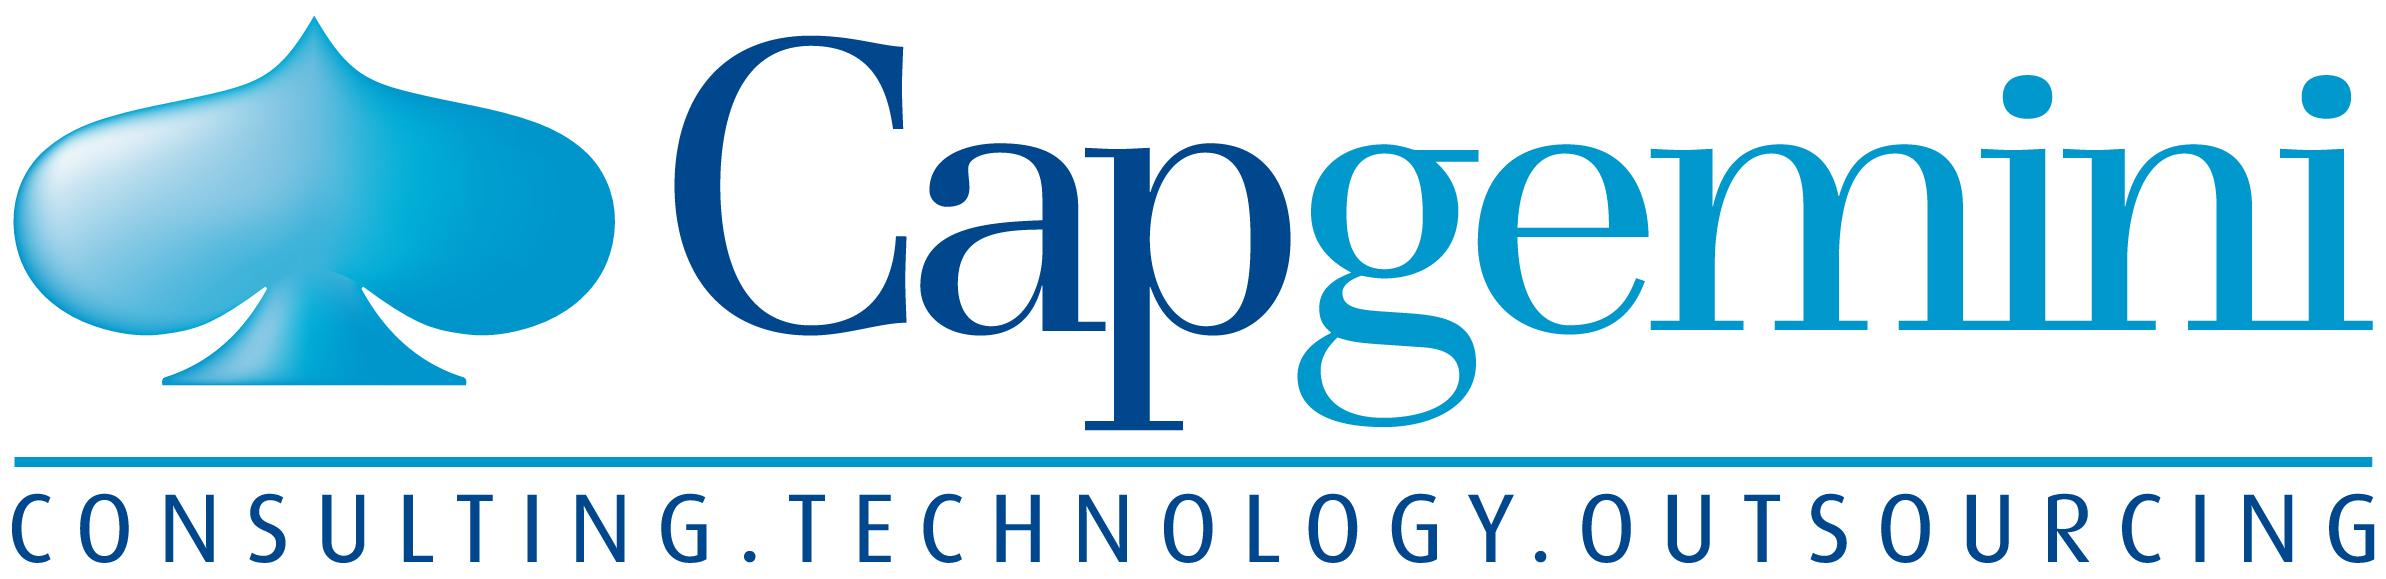 capgemini_logo_hr